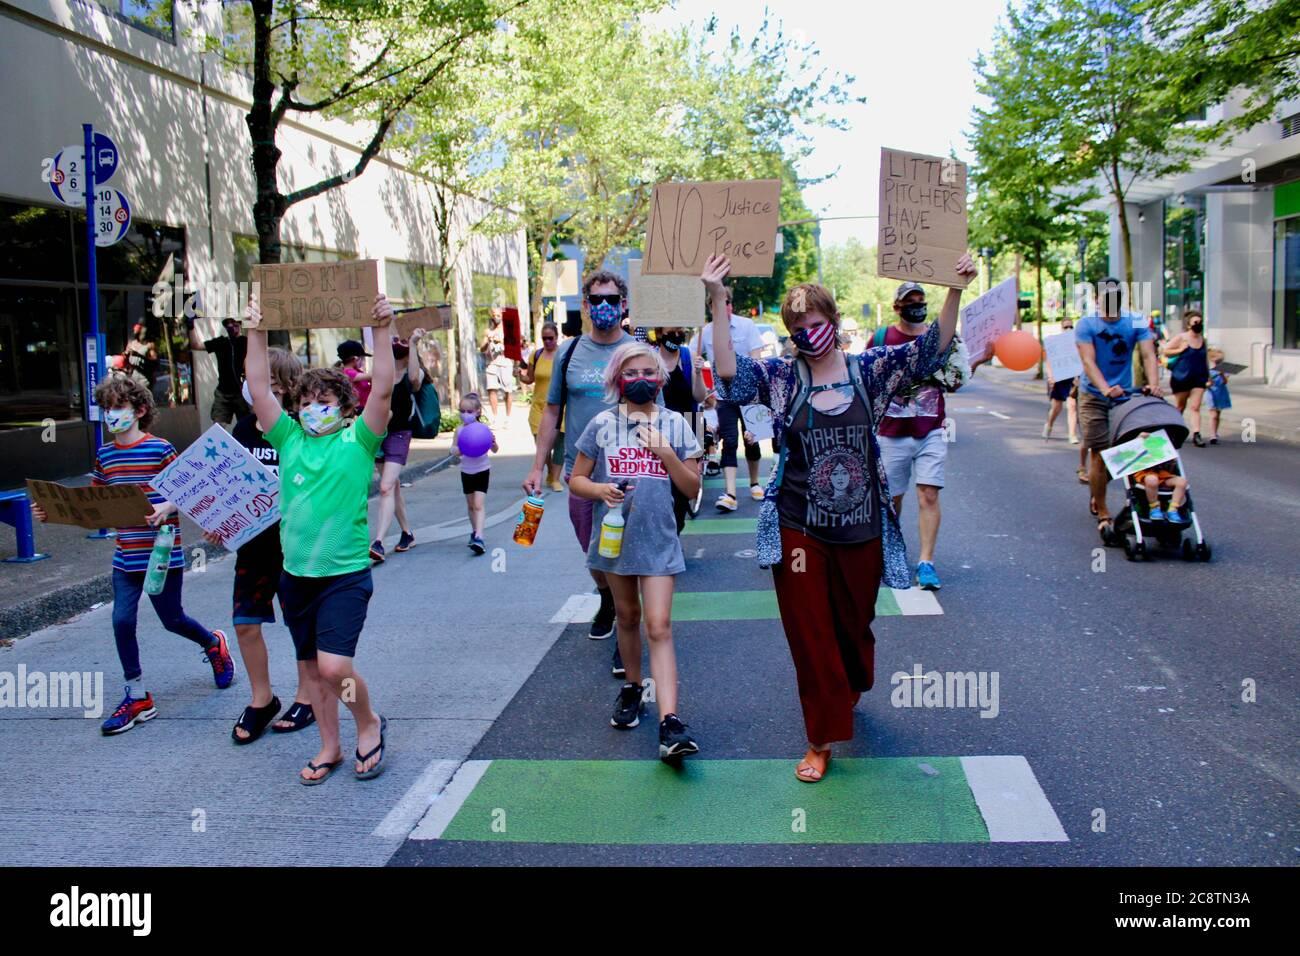 """Portland, Oregon, EE.UU. 26 de julio de 2020. Los niños y sus padres marcharon hoy como parte de """"familias que exigen Feds fuera de Portland"""", un evento organizado por .'levantando niños antirracistas PDX.''la marcha comenzó en Salmon St. Fountain y terminó en el Centro de Justicia/Sala de la Corte, donde un joven afroamericano dio un discurso de corazón sobre igualdad y libertad. Se trataba de """"ver la fuerza de las familias locales que no quieren que los DHS se apoderen de la ciudad"""", según la página de Facebook. Crédito: Amy Katz/ZUMA Wire/Alamy Live News Foto de stock"""